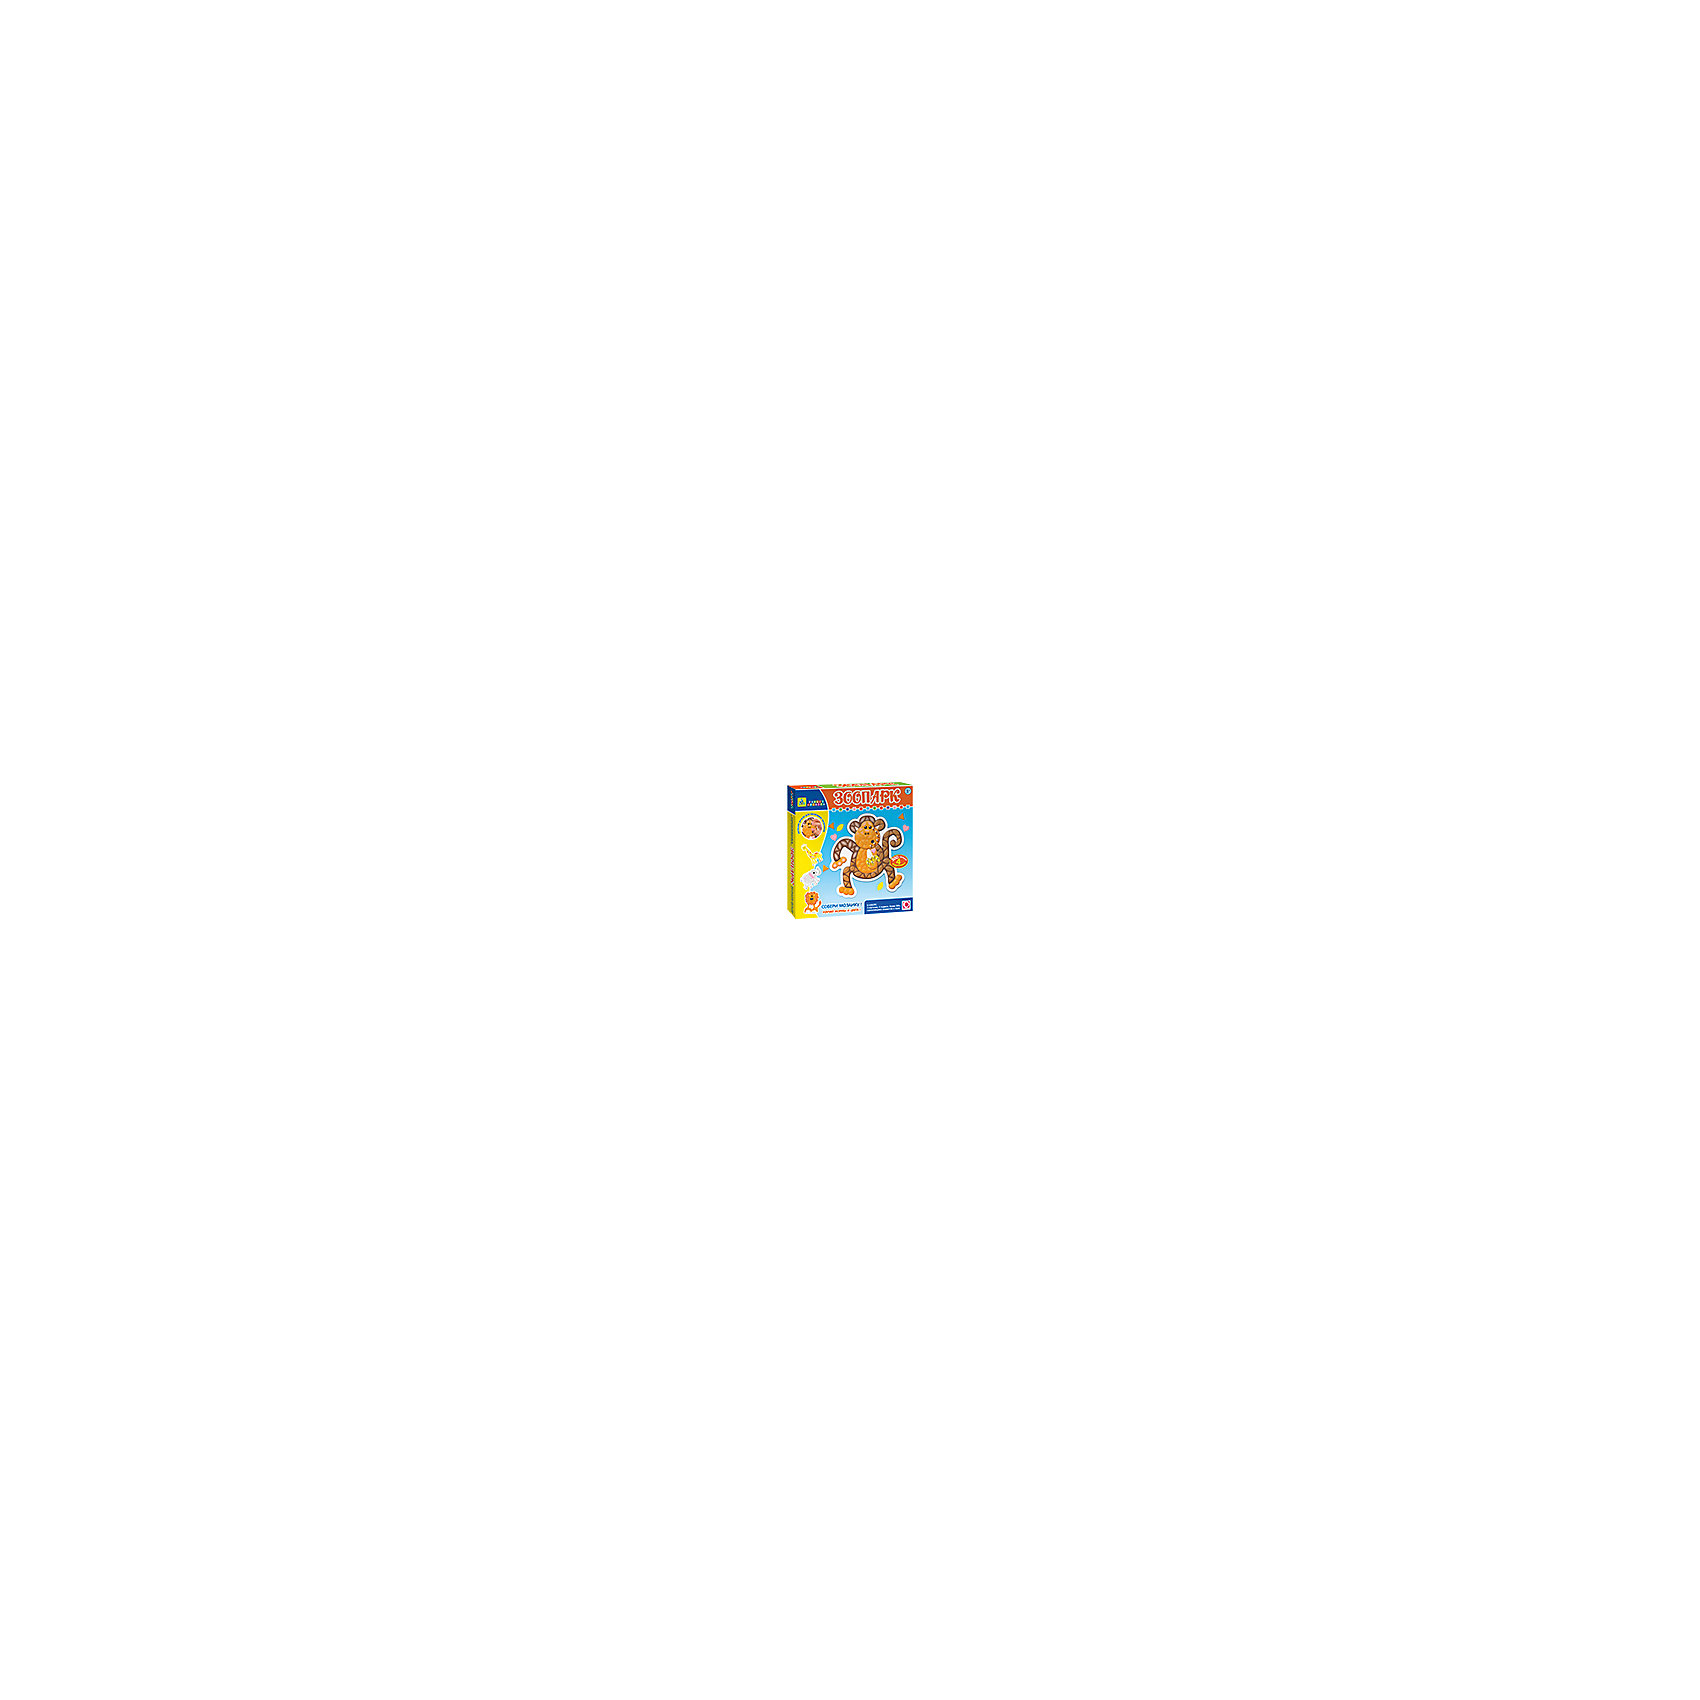 Мозаика-набор для малышей  ЗоопаркМозаика детская<br>Любишь зоопарк? Собери эту увлекательную мозаику по форме и цветам и перед твоими глазами предстанут 4 новых друга – львенок, обезьянка, жираф и слоненок! Специальные подвесы позволят прикрепить готовые картины на стену, и можно устраивать показ твоих произведений искусства! Этот великолепный набор придется по вкусу любому дошкольнику! В наборе:• 4 картинки• 500+ самоклеящихся элементов и страз• 4 подвесаДизайн моделей разработан в США.3+<br><br>Ширина мм: 240<br>Глубина мм: 40<br>Высота мм: 240<br>Вес г: 535<br>Возраст от месяцев: 36<br>Возраст до месяцев: 72<br>Пол: Унисекс<br>Возраст: Детский<br>SKU: 5165736